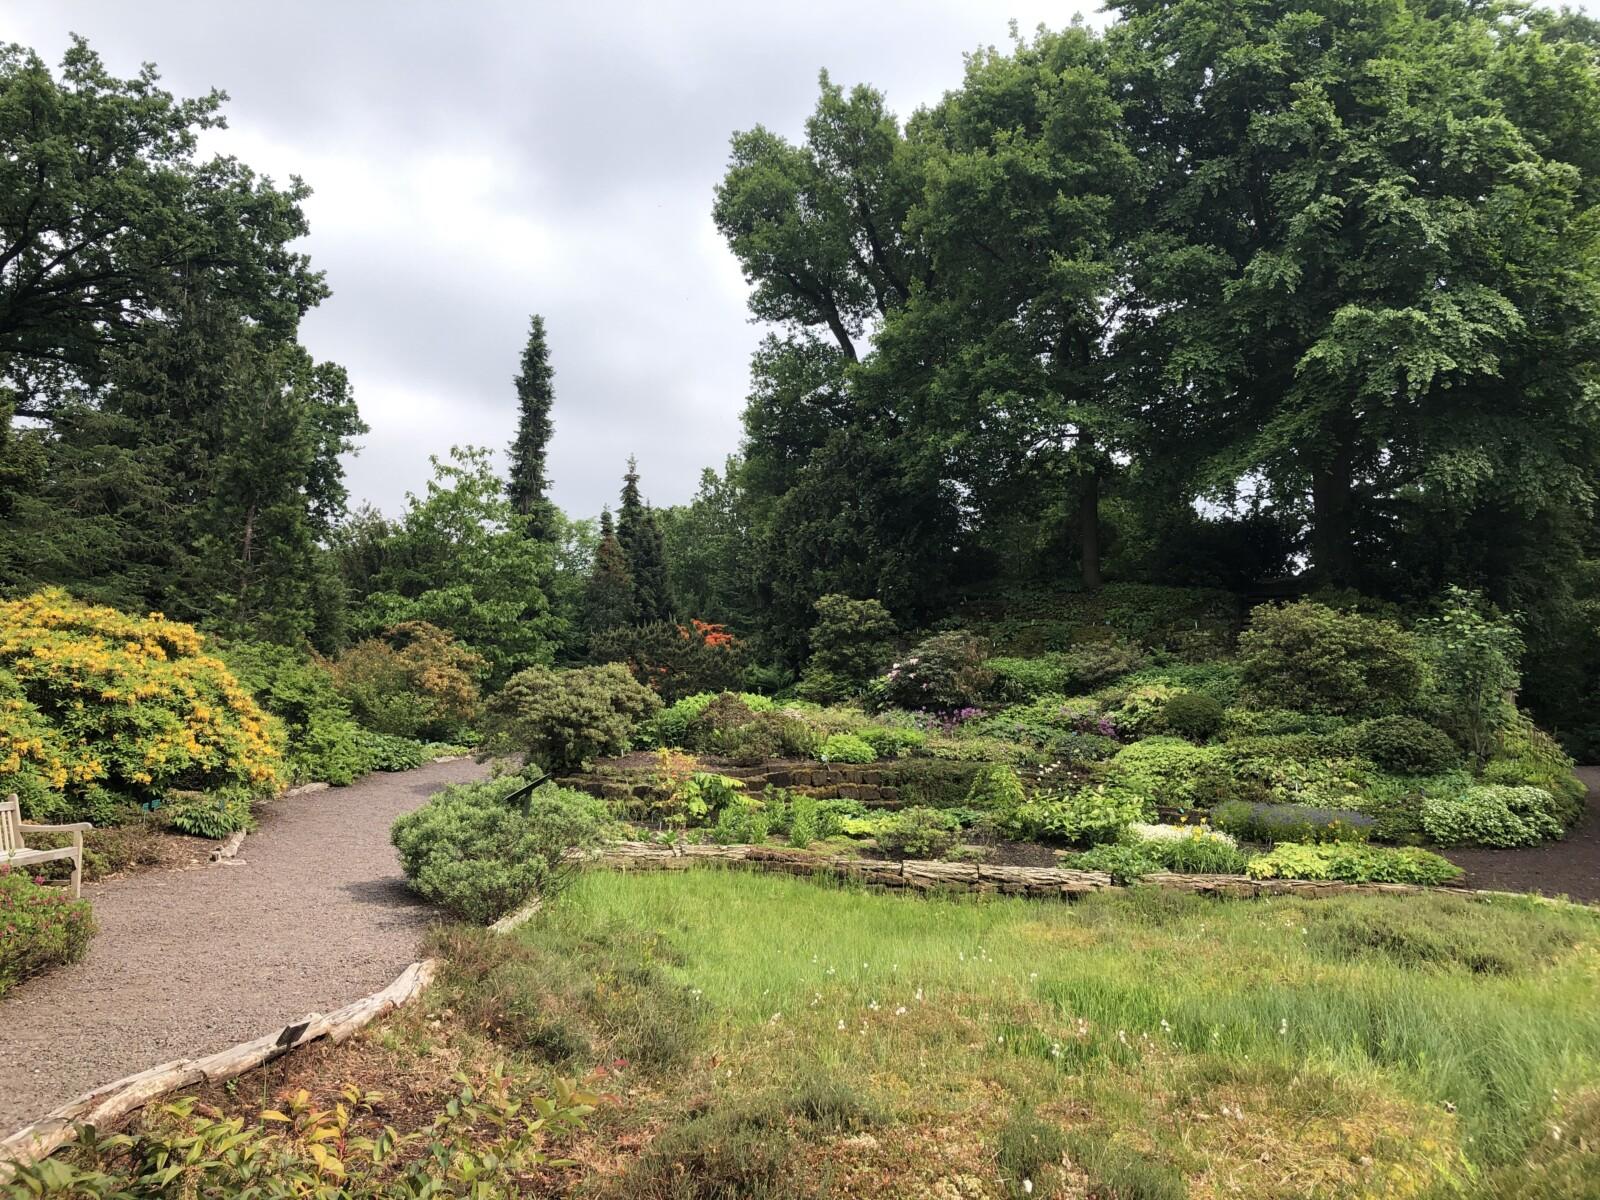 Rondleiding Botanische Tuinen Utrecht